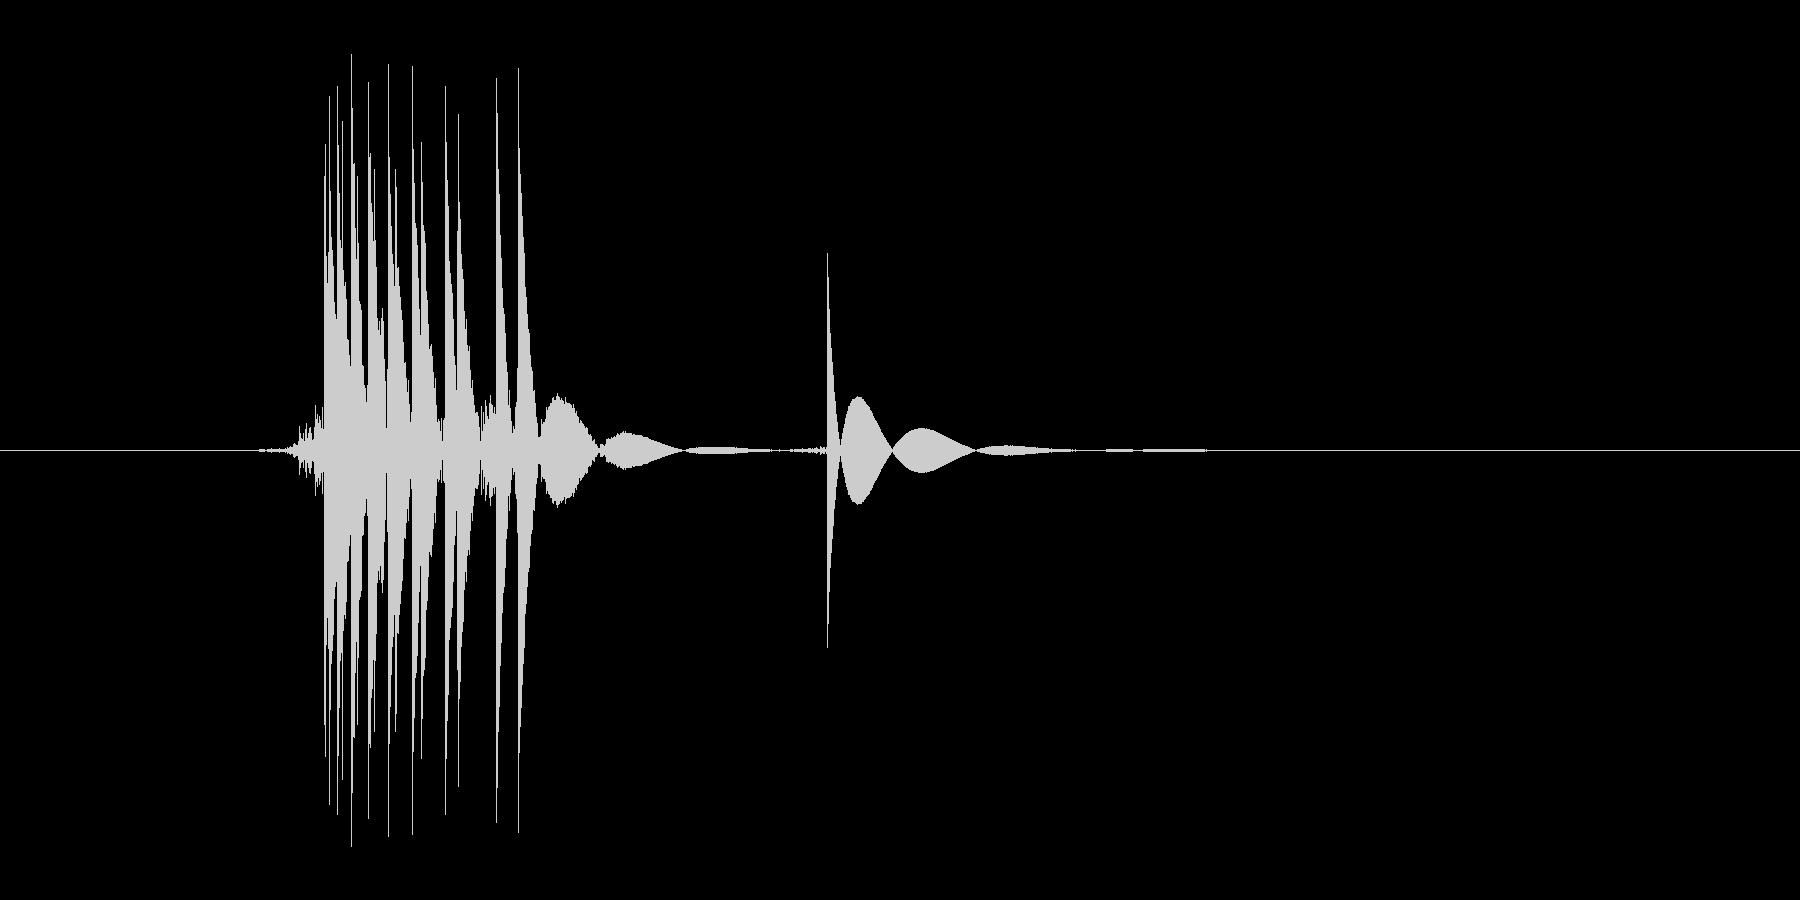 ゲーム(ファミコン風)ヒット音_004の未再生の波形